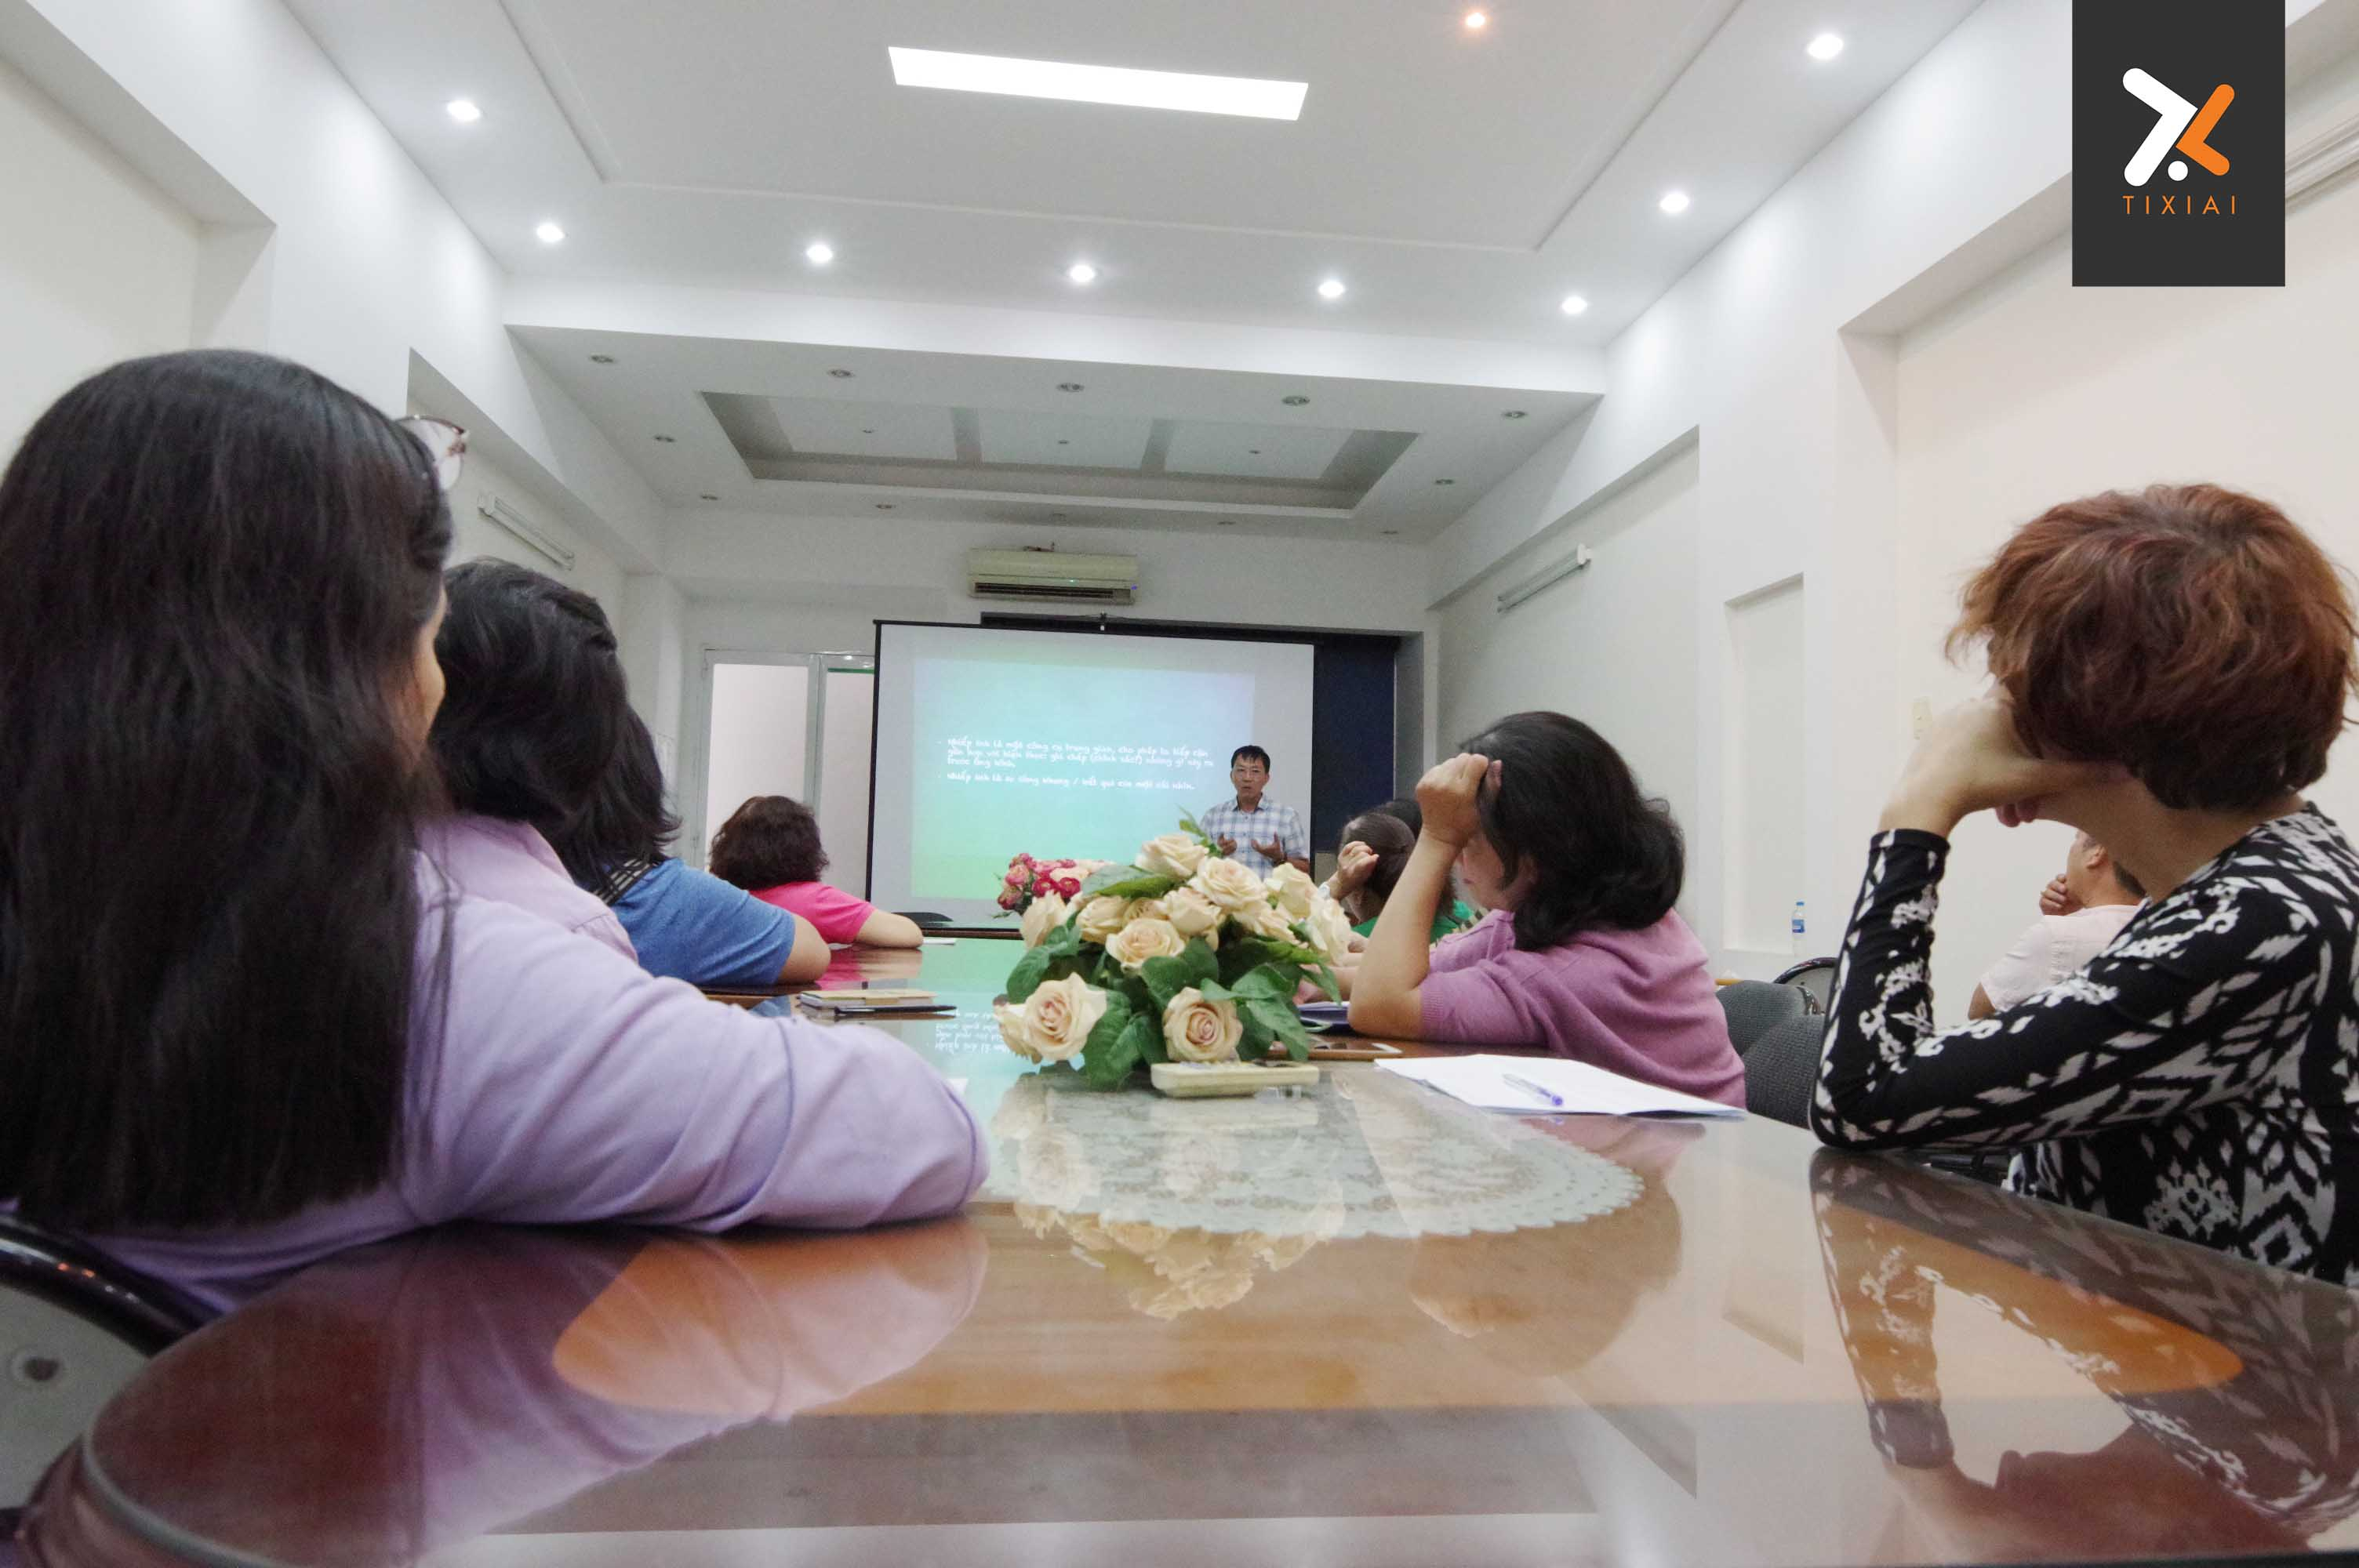 Workshop Chuyện ảnh đường phố - Hội nhiếp ảnh TP.HCM (2)